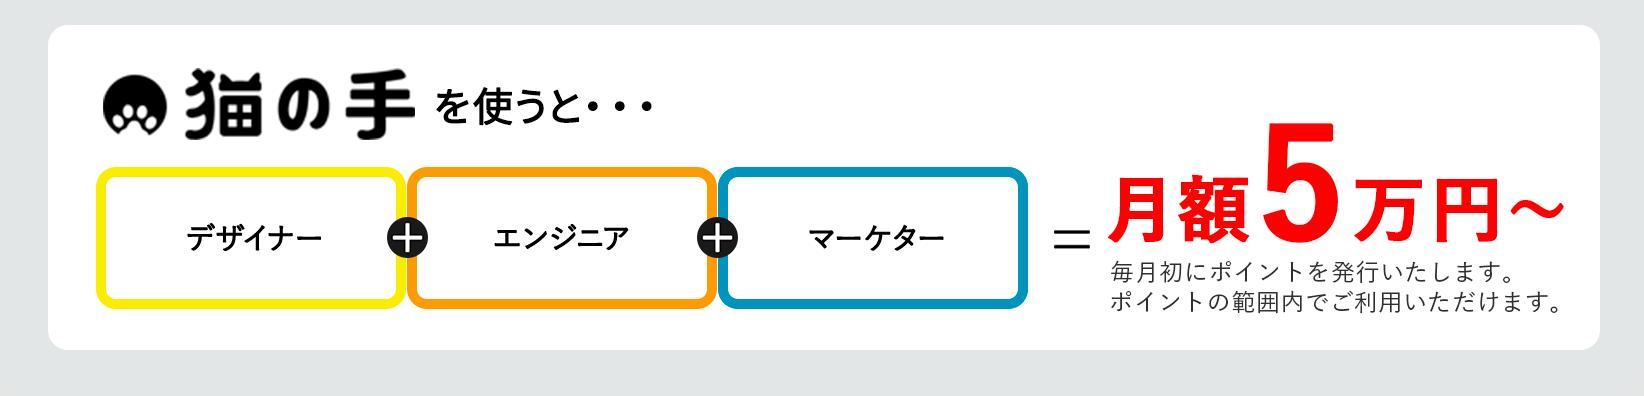 猫の手を使うと・・・デザイナー+エンジニア+マーケター=お申込後3ヶ月間 月額8万円